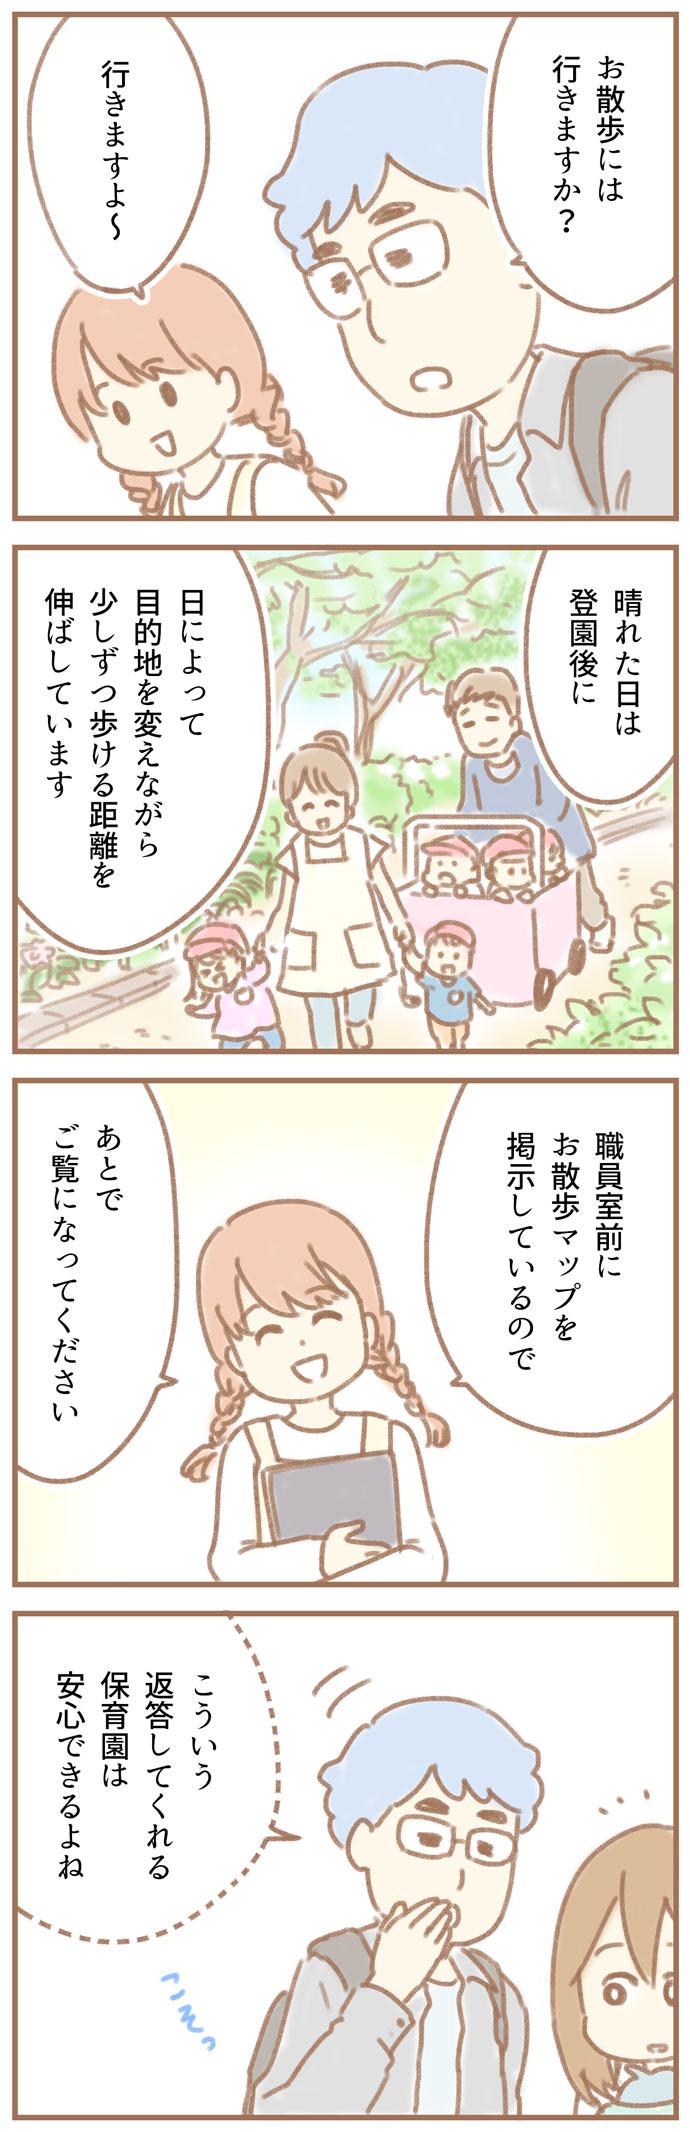 【第10話】親になったの私だけ!?社会福祉士ママと保育士パパの子育て奮闘記